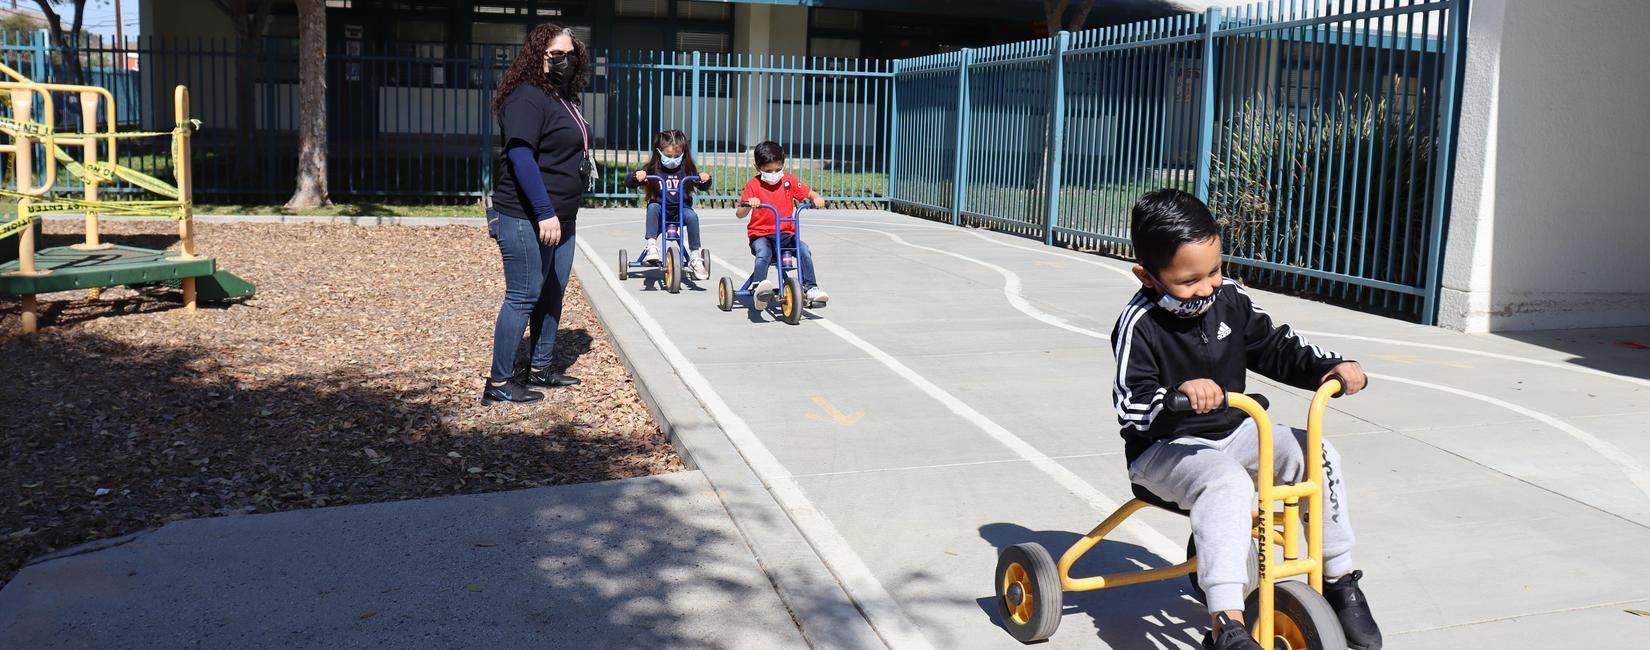 Photo: students at recess